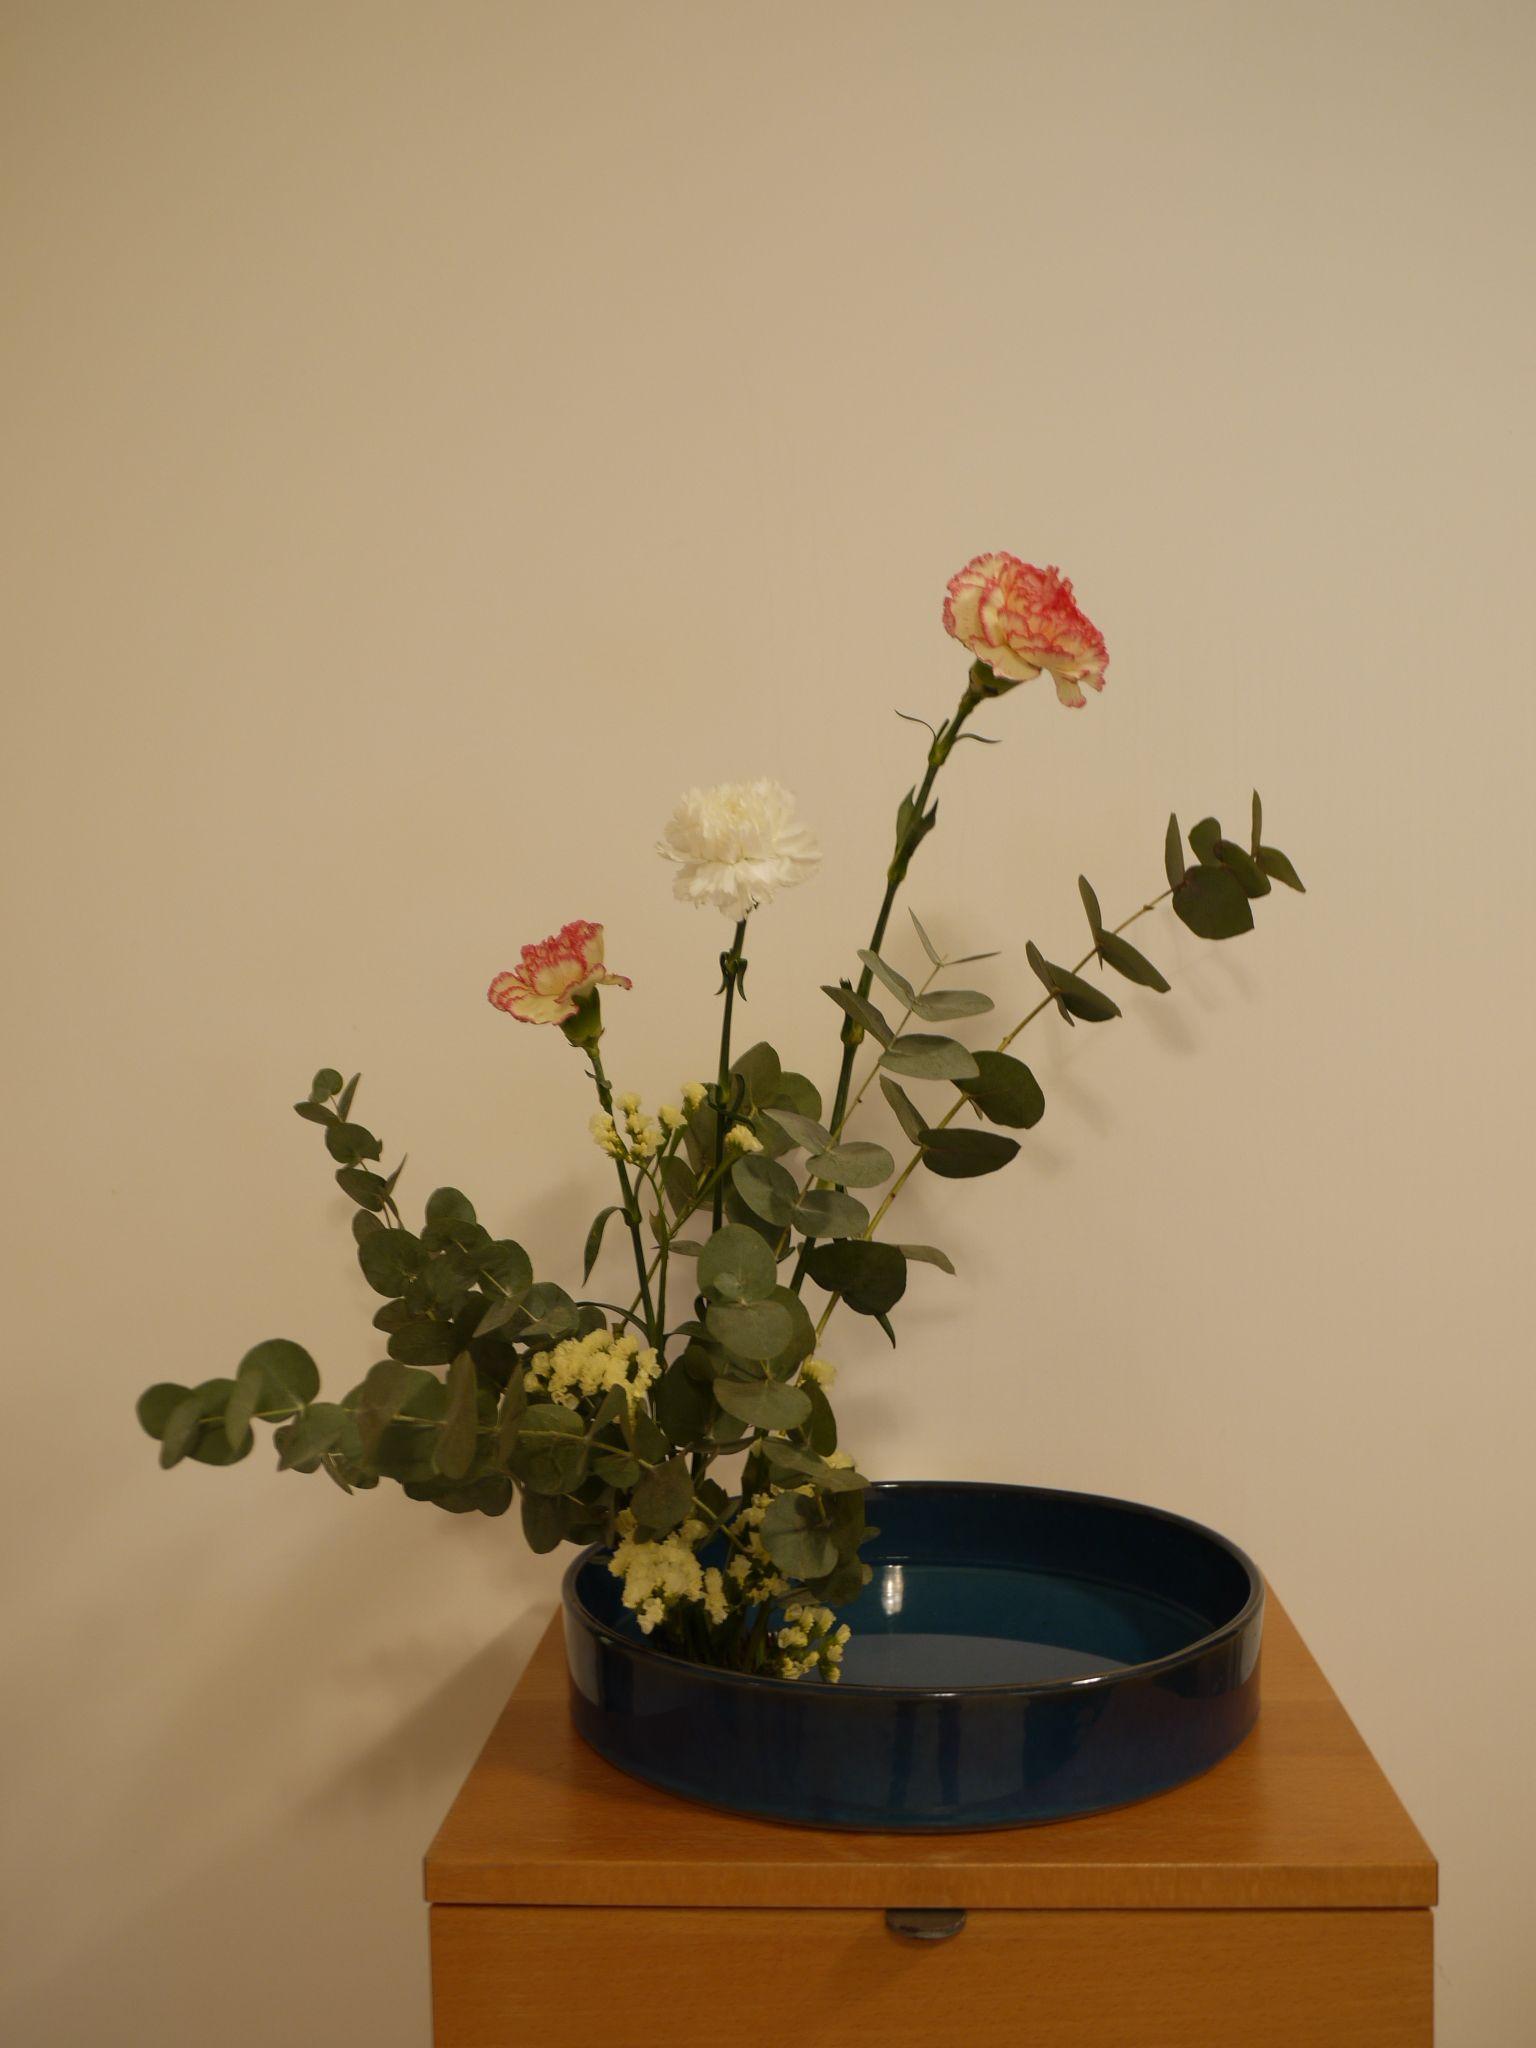 My First Ikebana Japanese Flower Arrangement Pinterest Ikebana